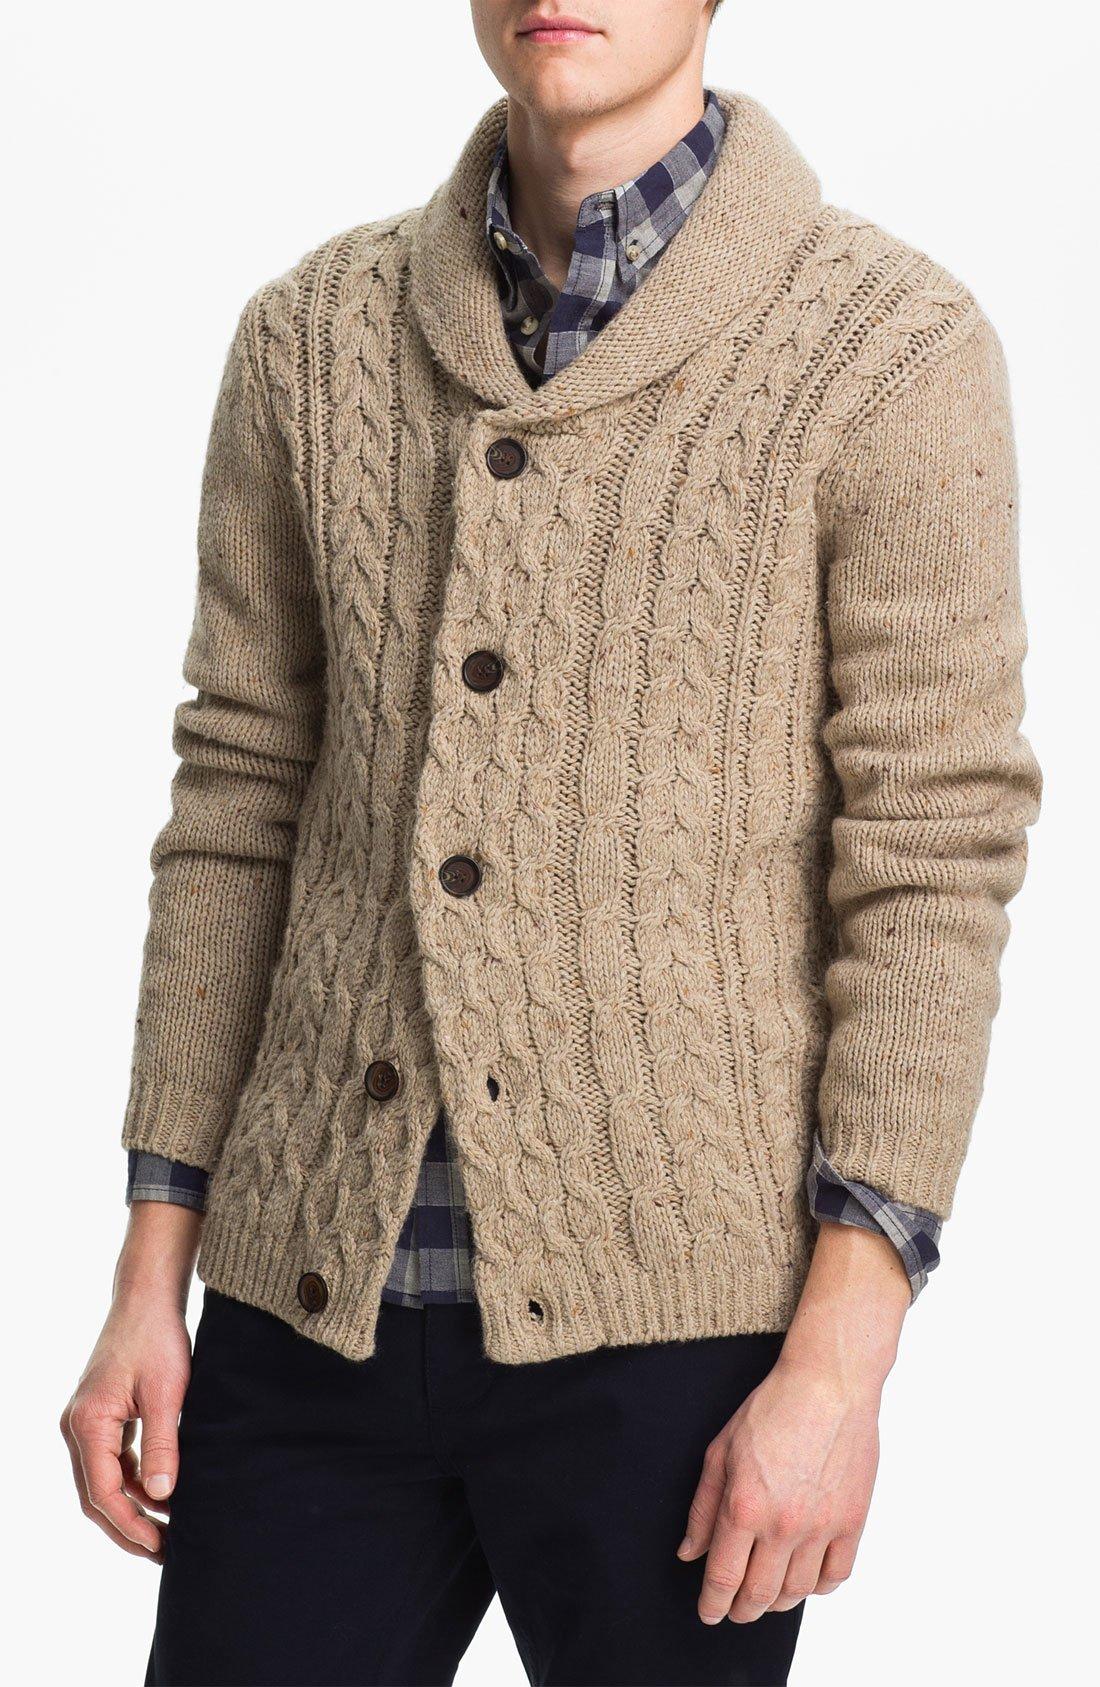 Knitting Pattern Cardigan Shawl Collar : Topman Cable Knit Shawl Collar Cardigan in for Men (color ...